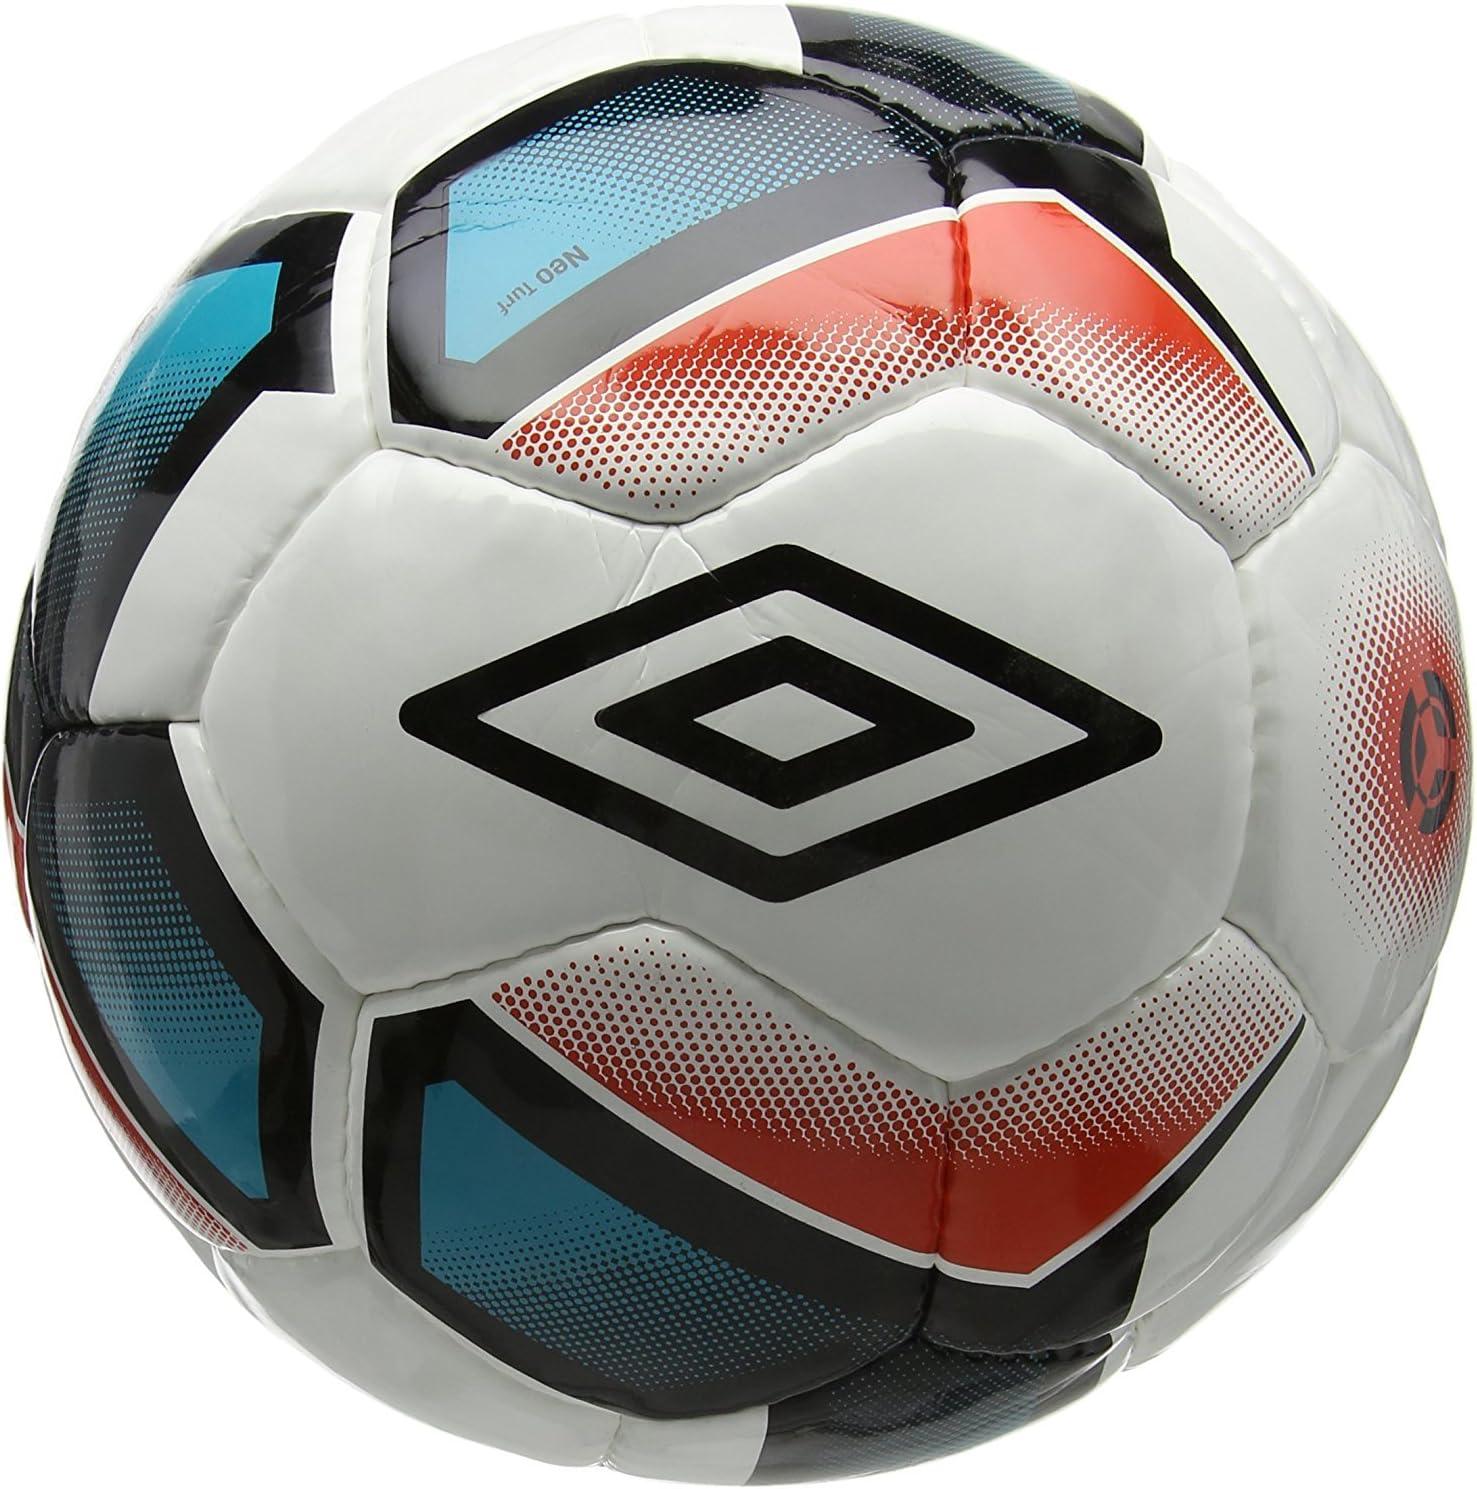 Umbro Balón de fútbol Neo Turf, Color Blanco, tamaño 4: Amazon.es ...